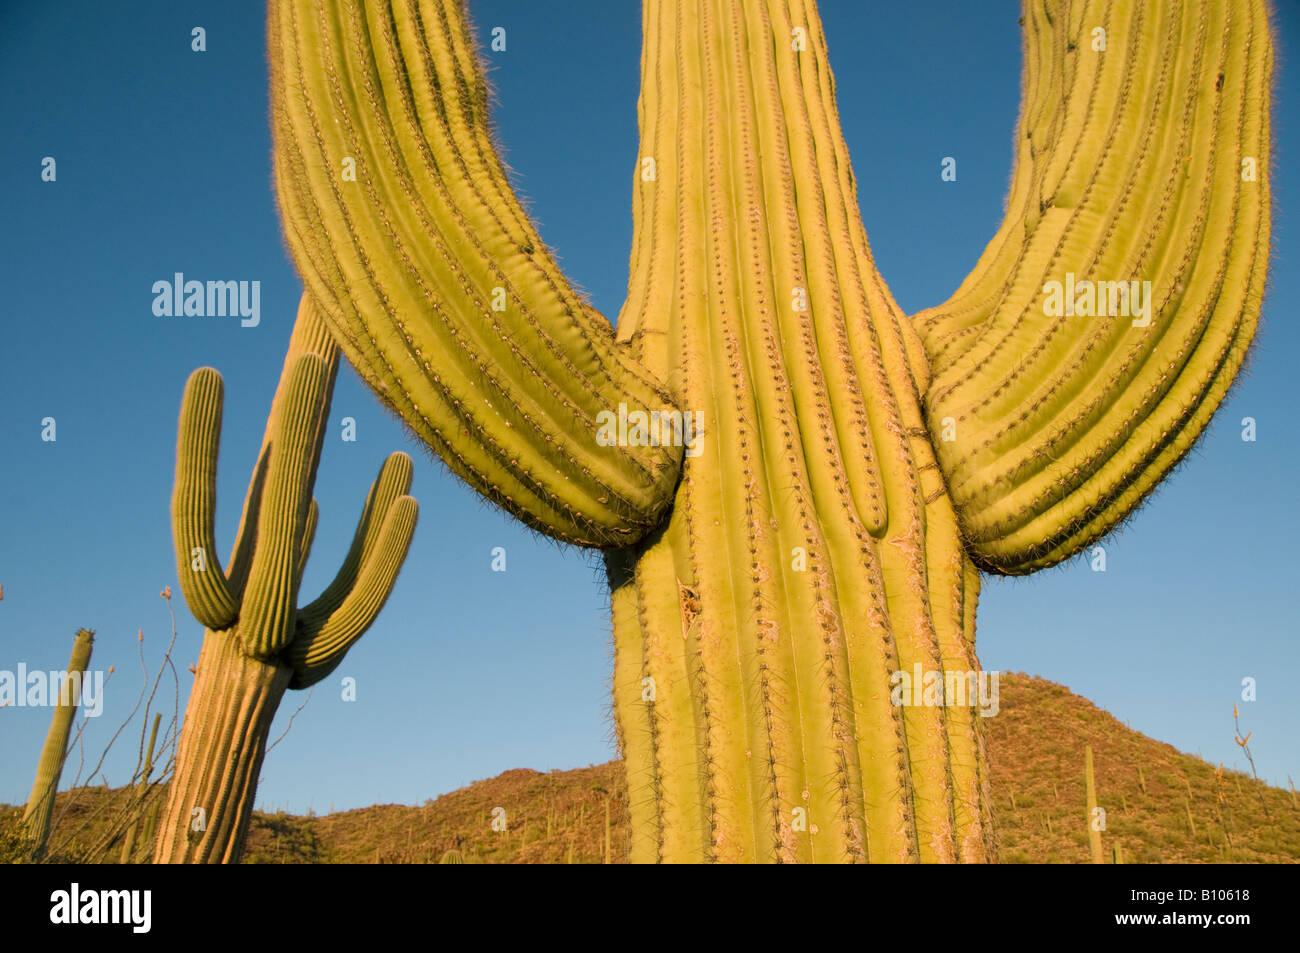 Cacto Saguaro (Carnegiea gigantea) al atardecer, el Parque Nacional de Saguaro, área de Tucson, Arizona, EE.UU. Imagen De Stock